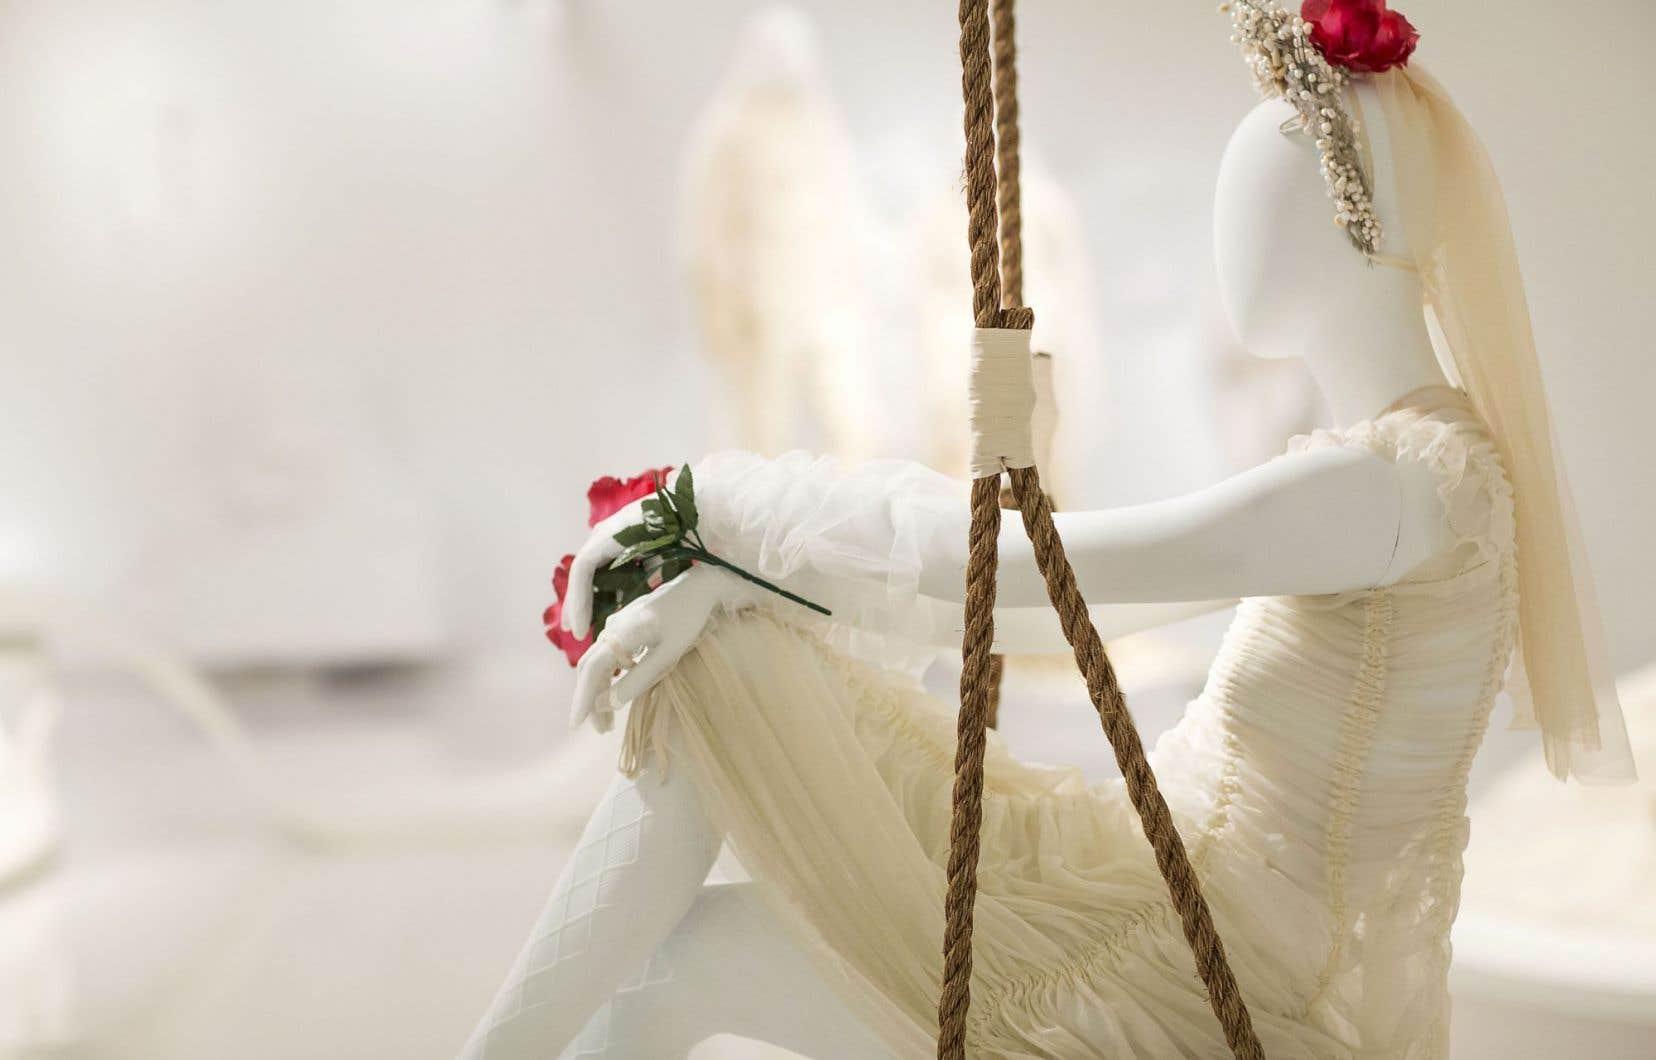 On parle de «tenues» plutôt que de robes, parce qu'en matière de vêtement, Gaultier n'érige aucun mur, il est bi, inter et multi.